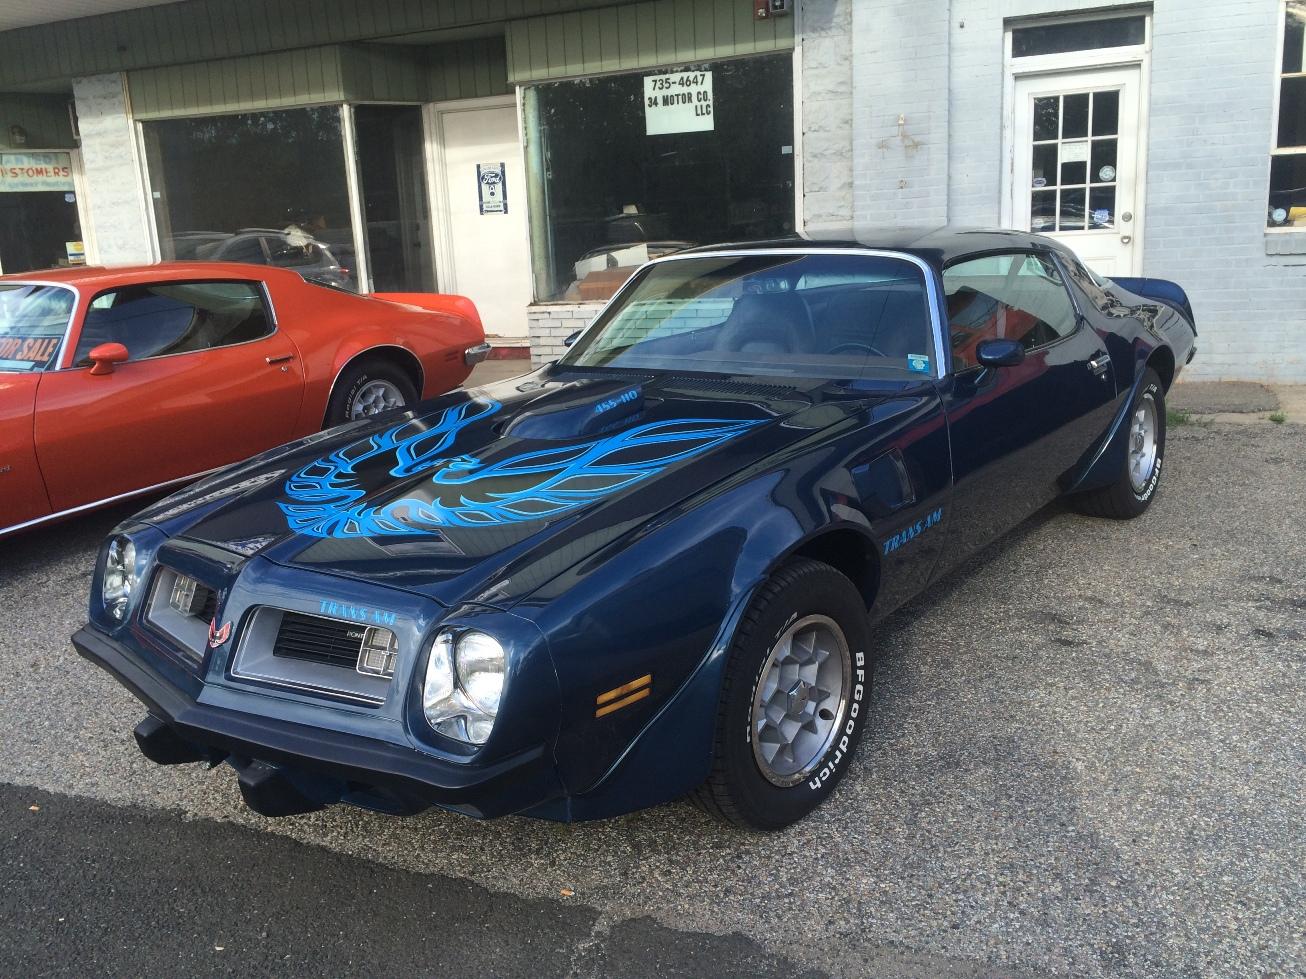 34 Motor Co LLC | Classic Cars - 1975 Trans Am